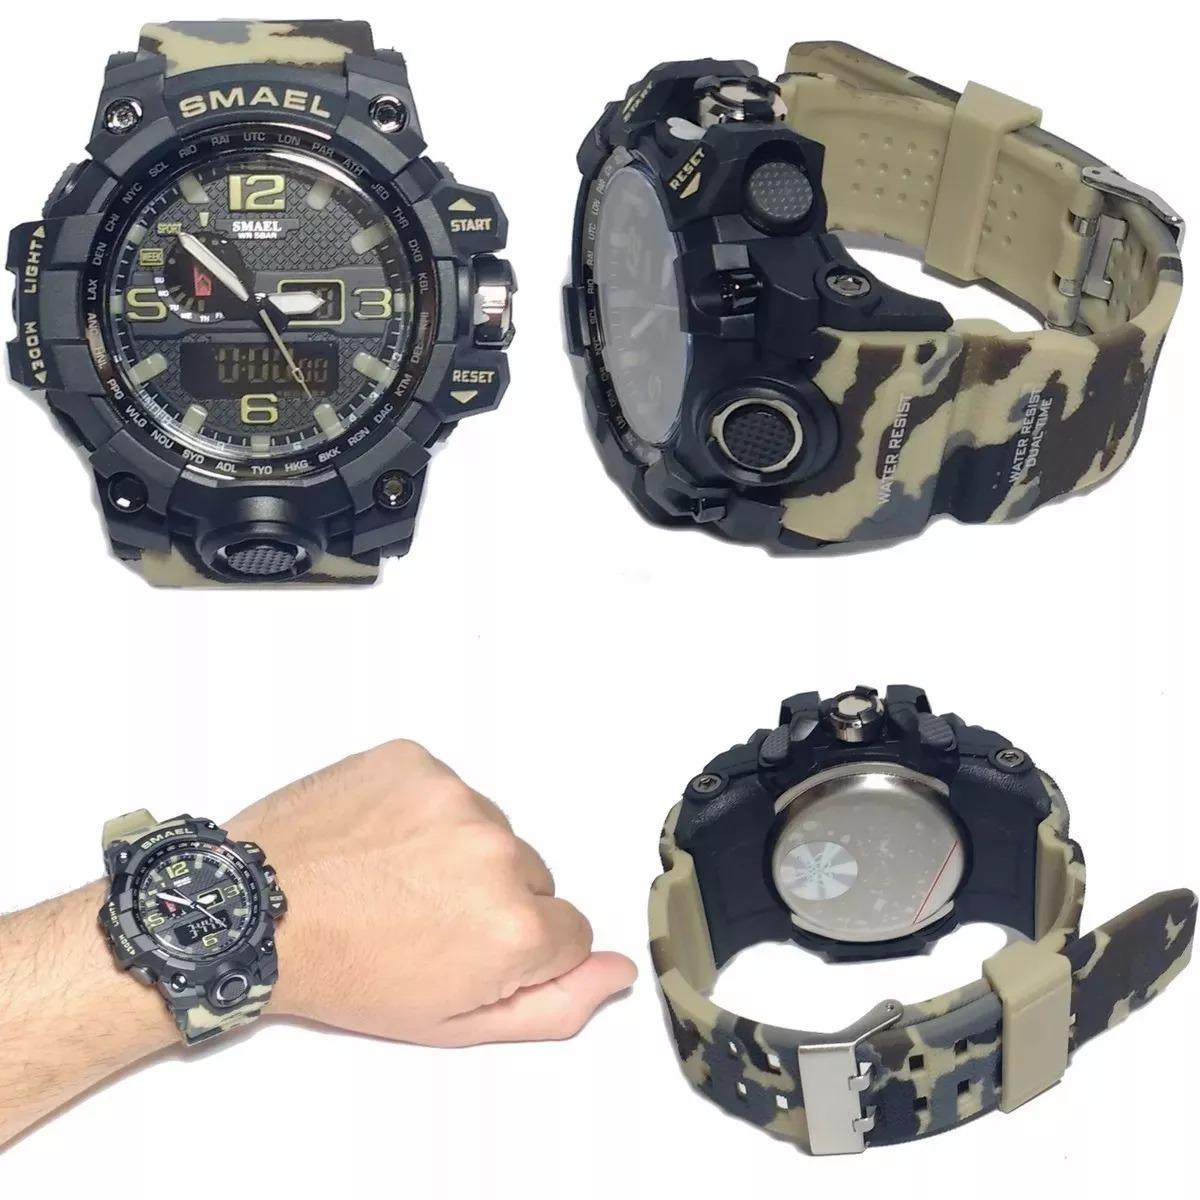 7ac4adac8ed relógio militar smael 1545 camuflado à prova d água 50m. Carregando zoom.